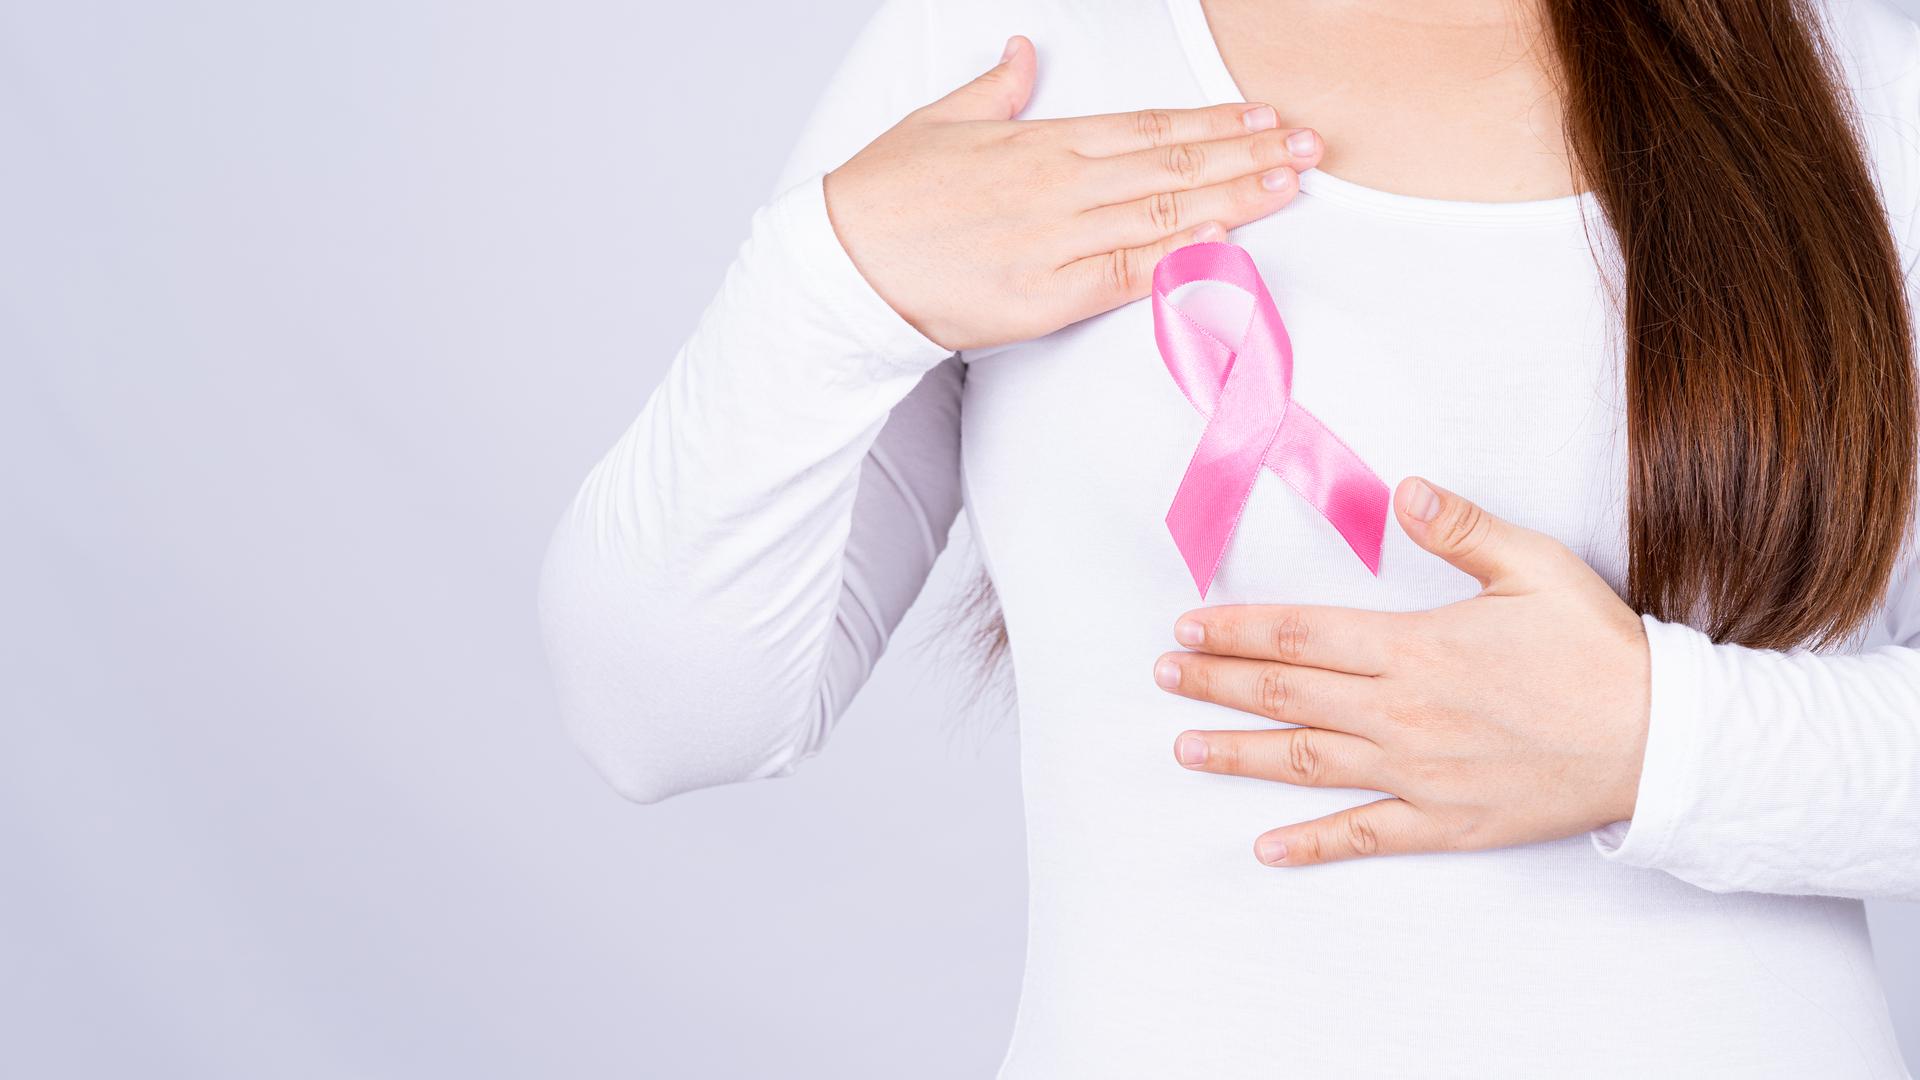 Cómo se realiza un autoexamen de mamas paso a paso